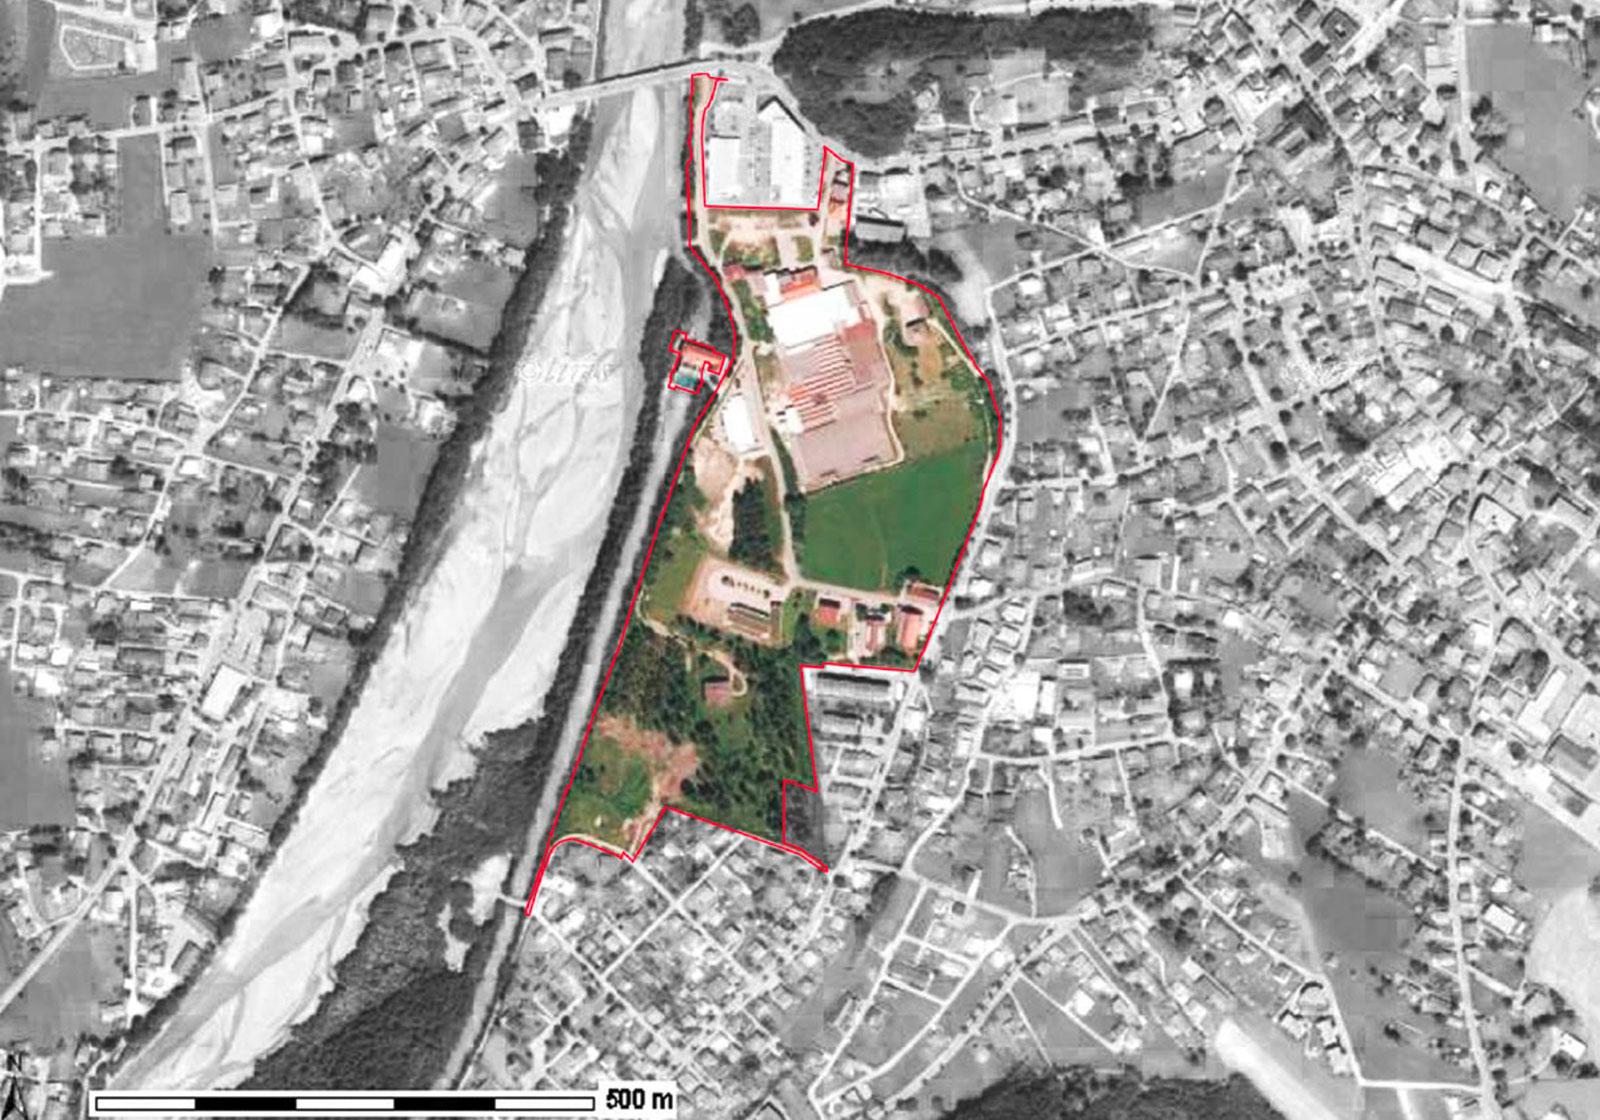 Plan zur Verbauung des RTW Areals. Plan: ATP